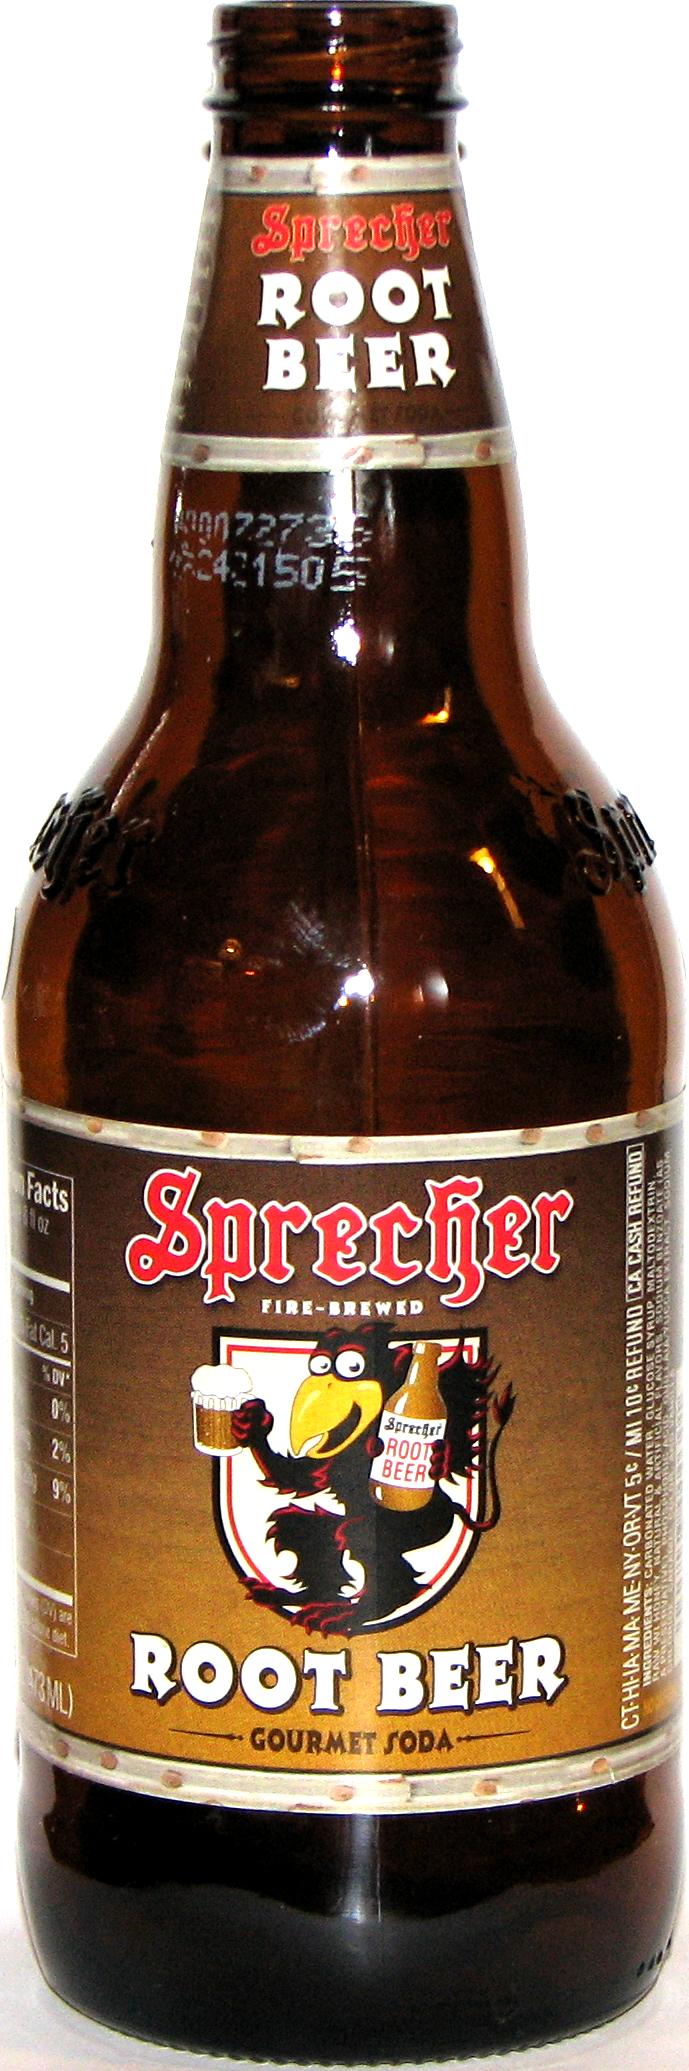 Sprecher Root Beer. Sprecher Brewing Co., Inc., Glendale